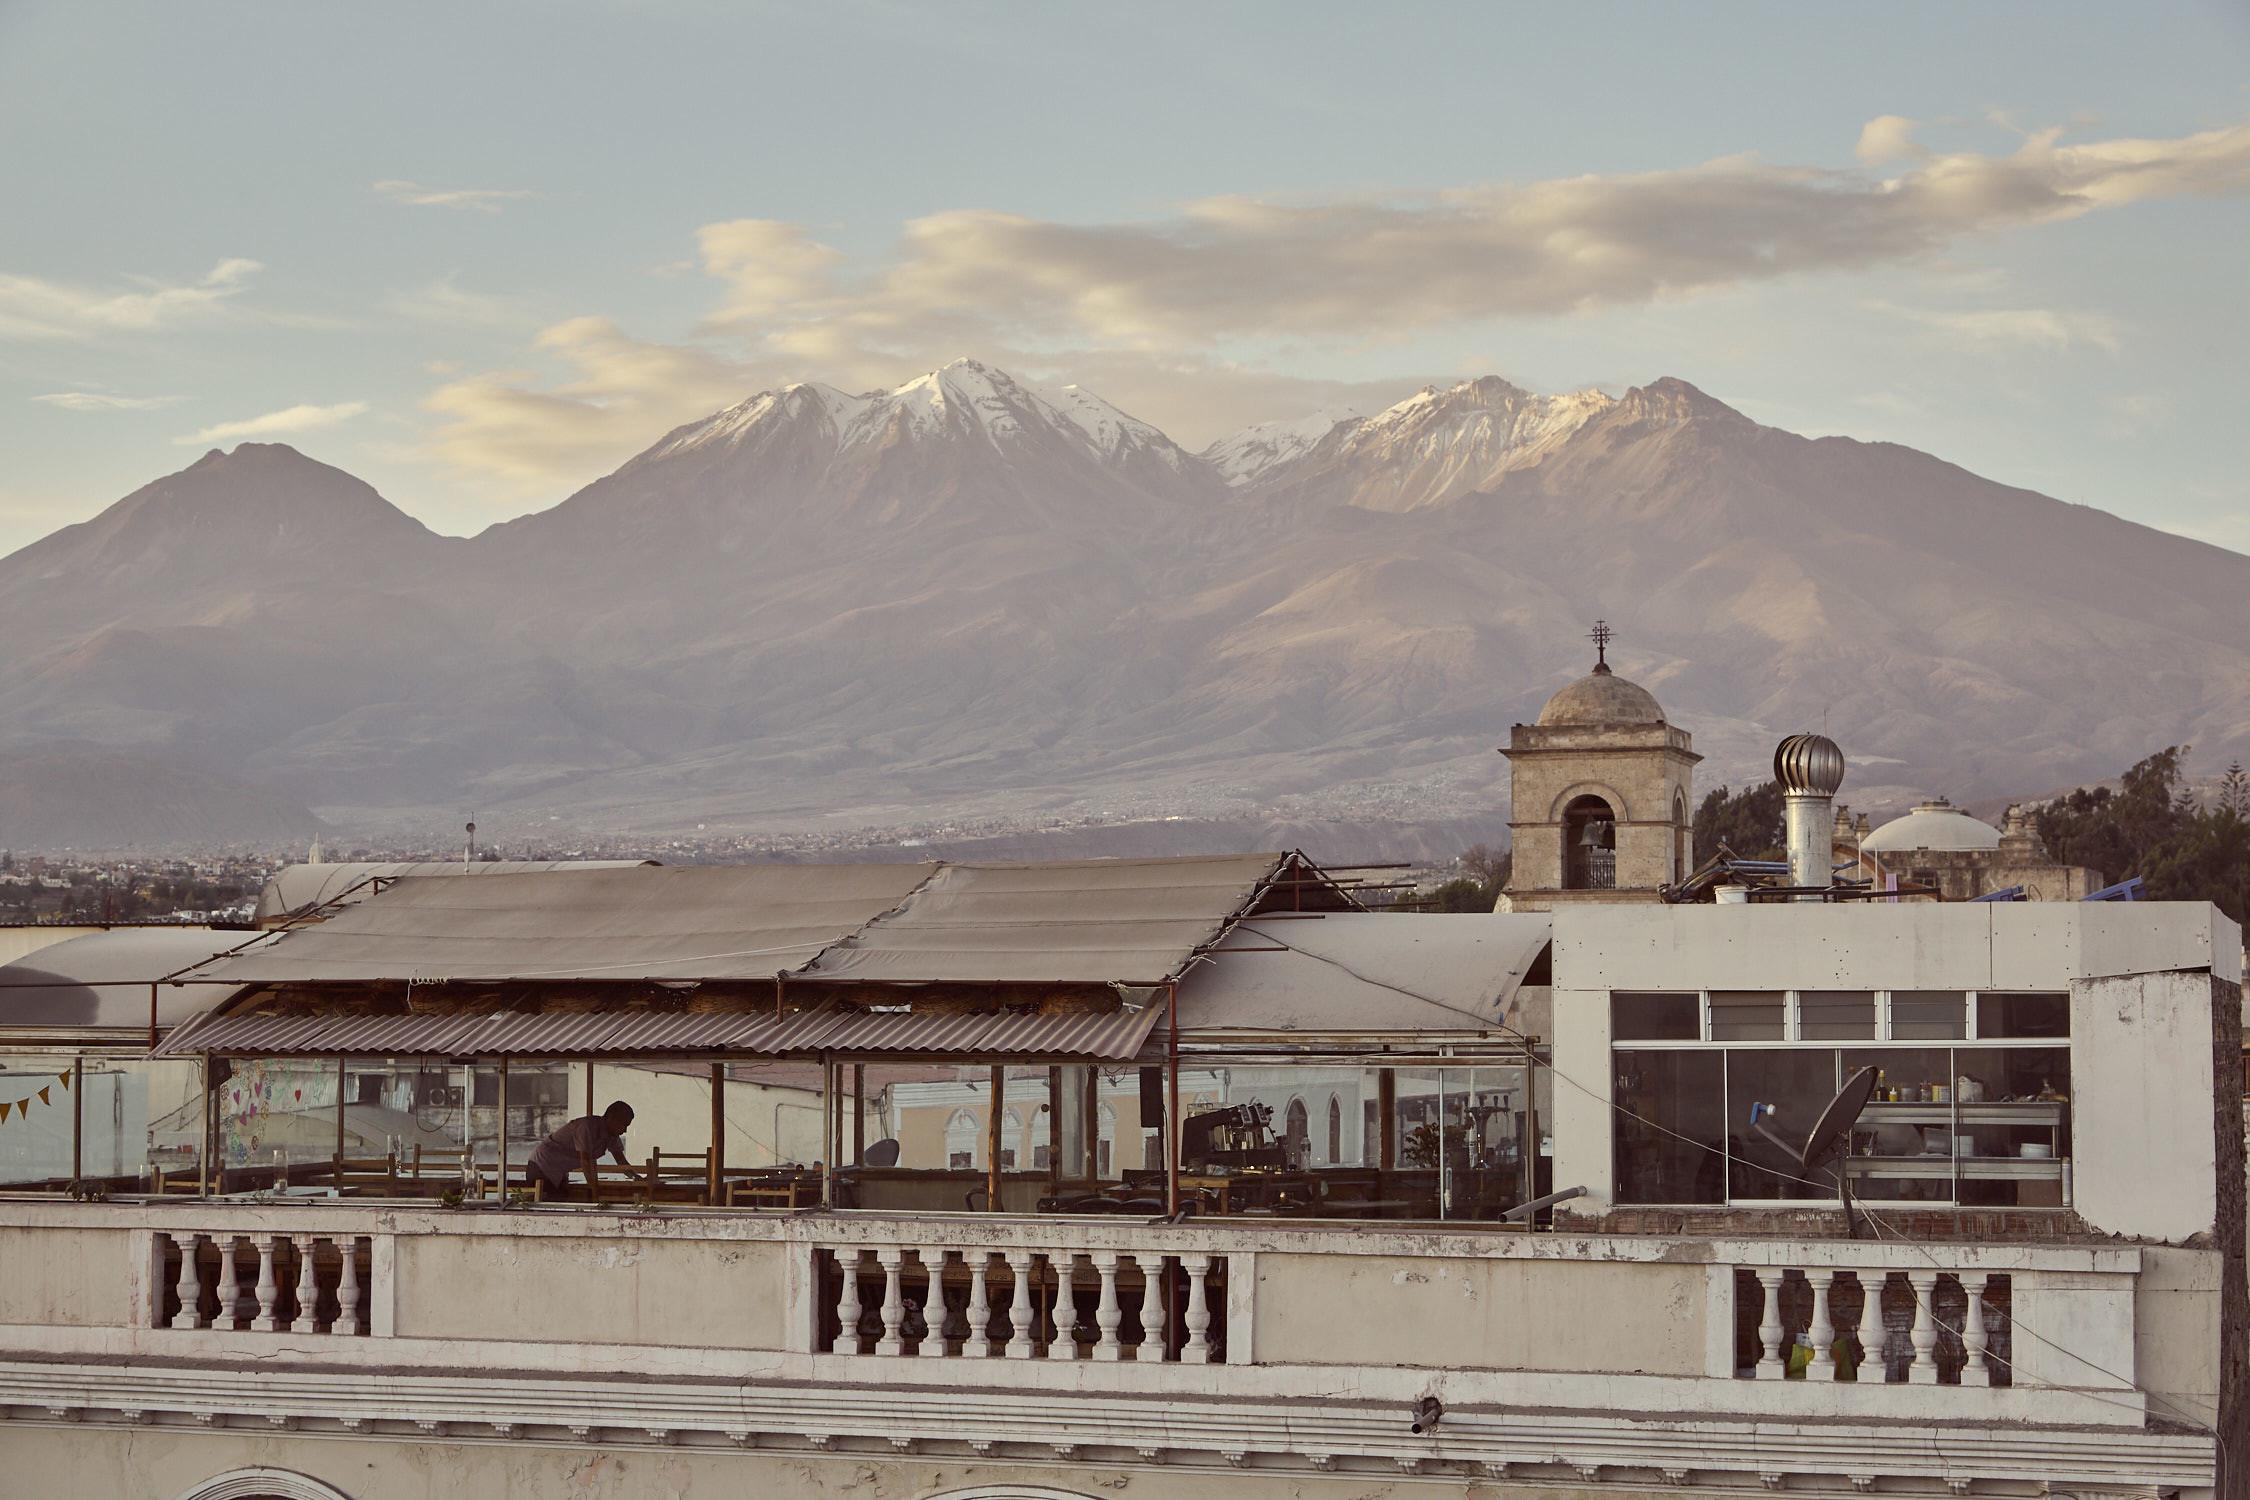 Arequipa, 8 must do things in Arequipa, Blick von Rooftop Bar aus Richtung Vulkane, Berge, Blick über die Dächer von Arequipa, Peru